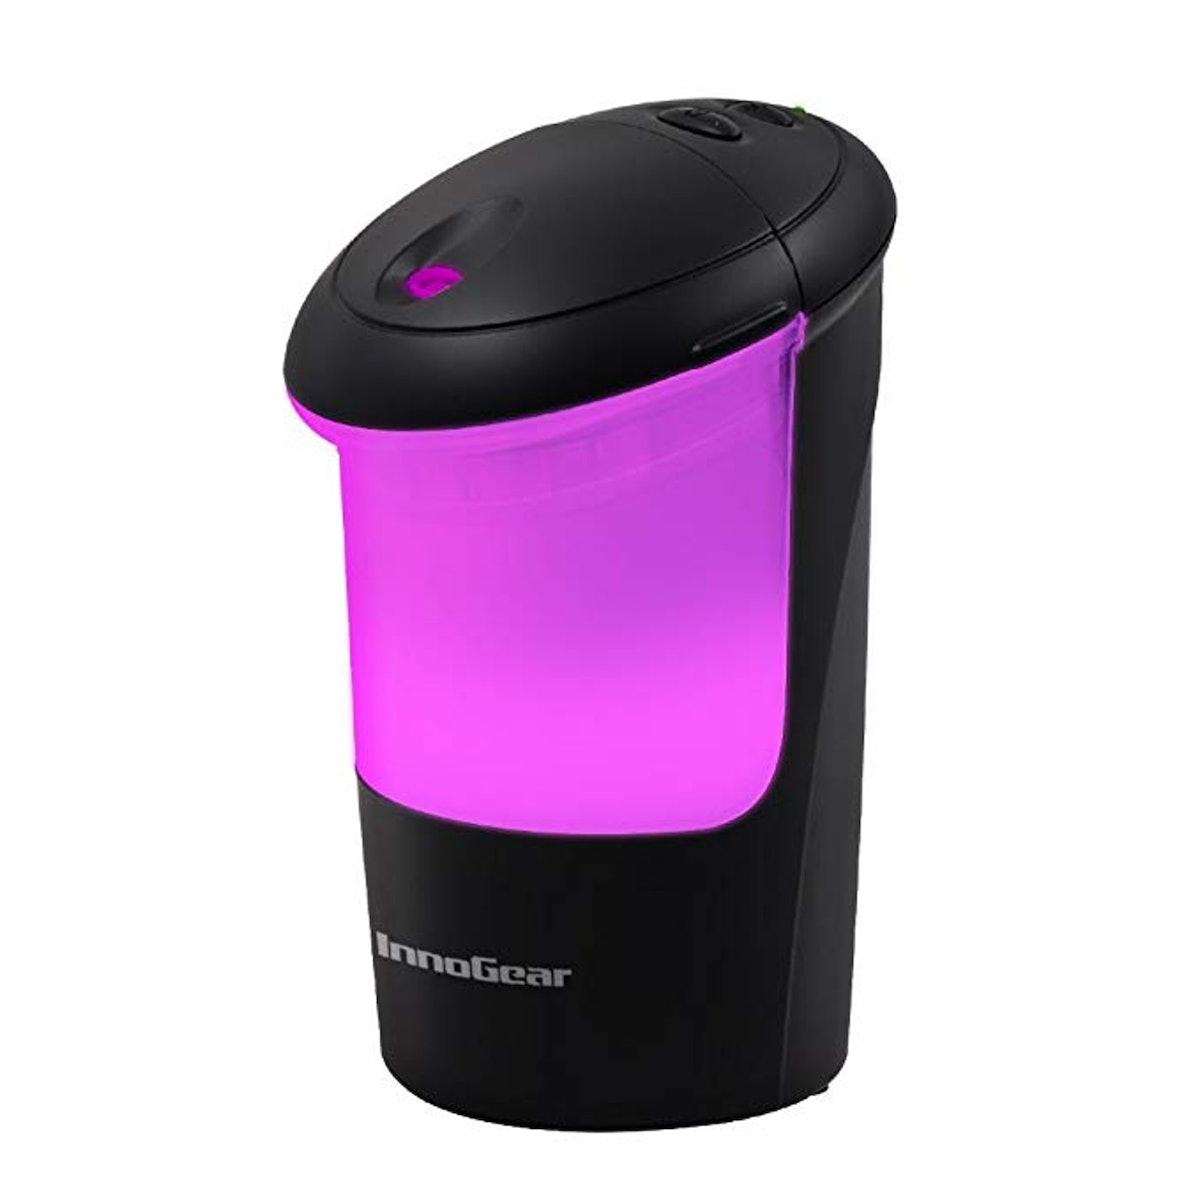 InnoGear USB Car Essential Oil Air Refresher